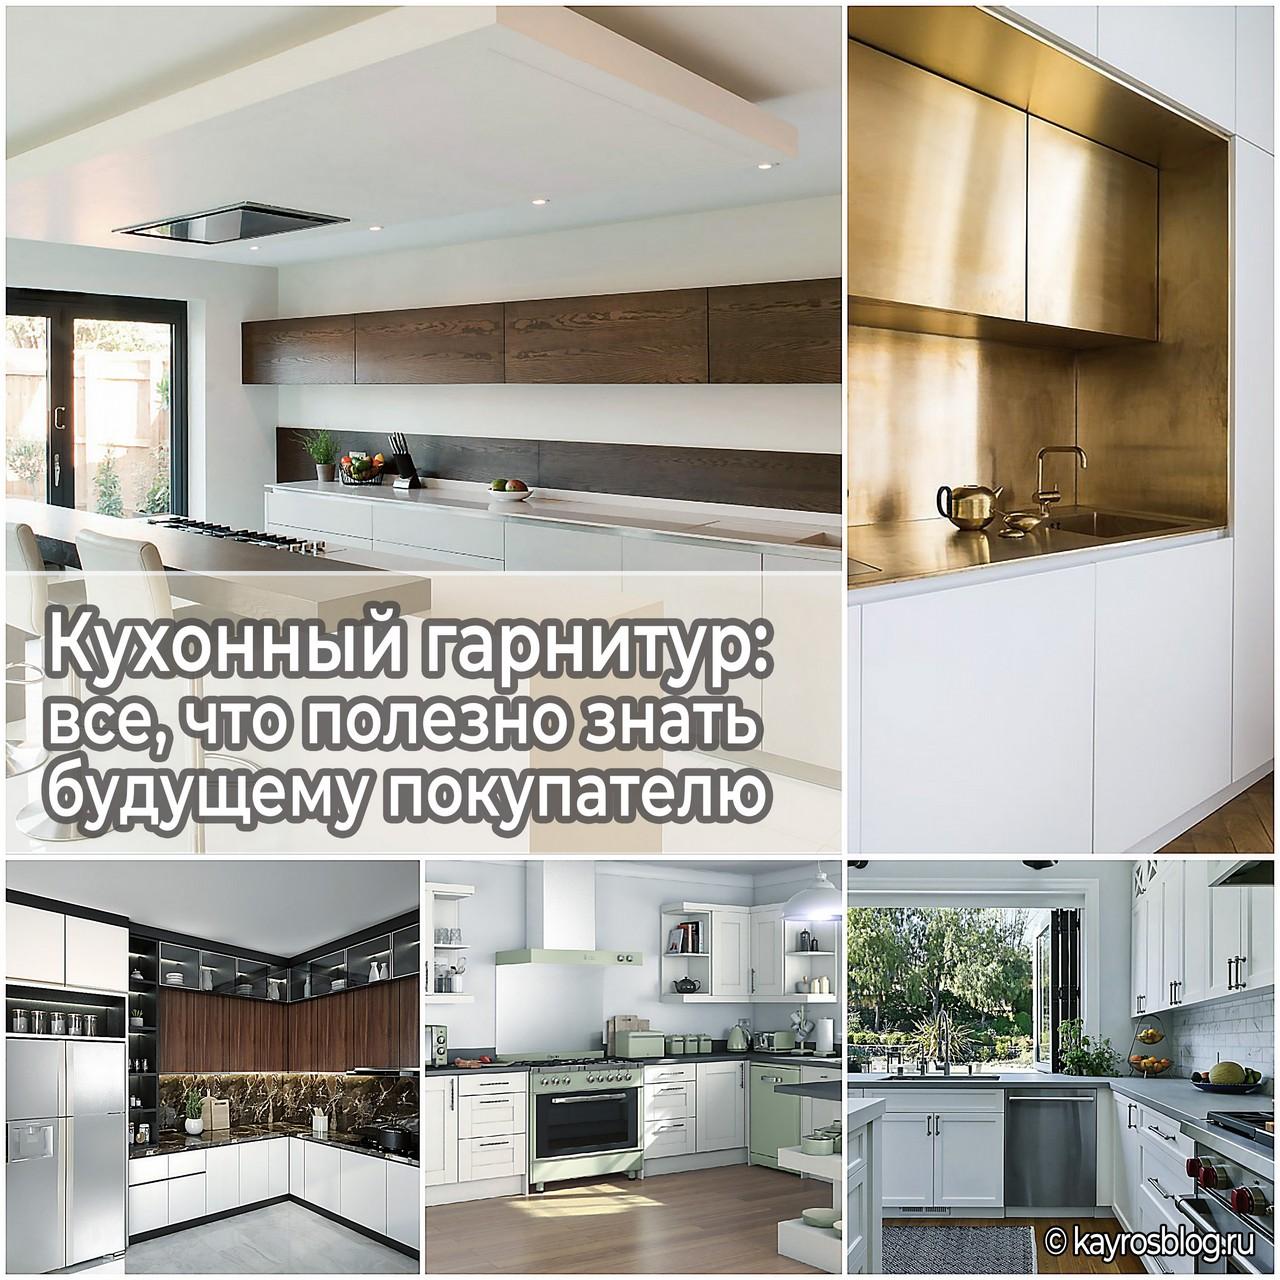 Кухонный-гарнитур-все,-что-полезно-знать-будущему-покупателю